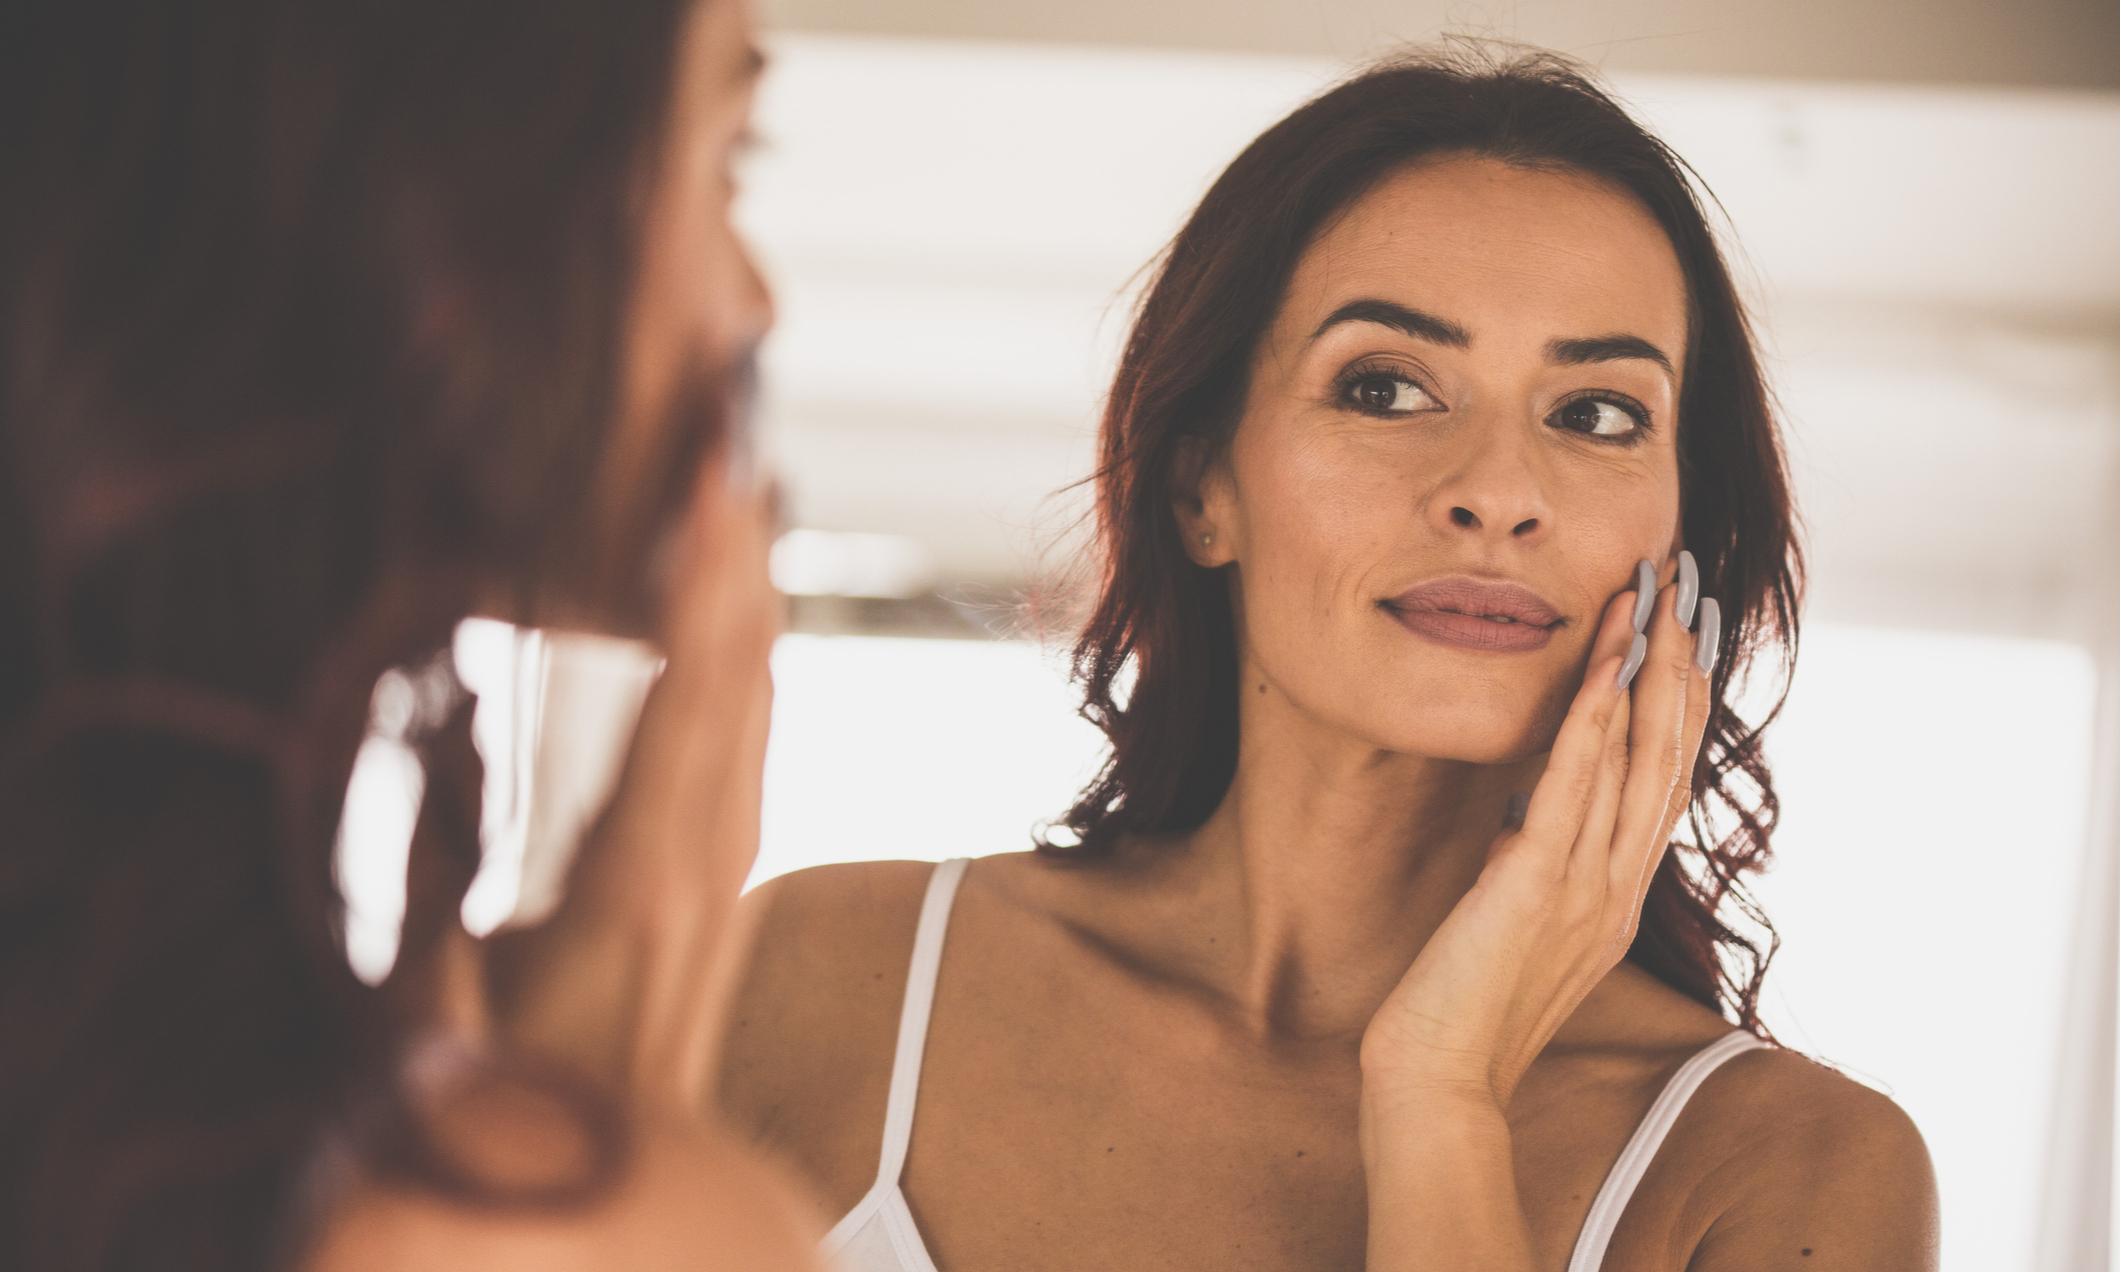 Акне после 40 лет: почему появляются высыпания на лице